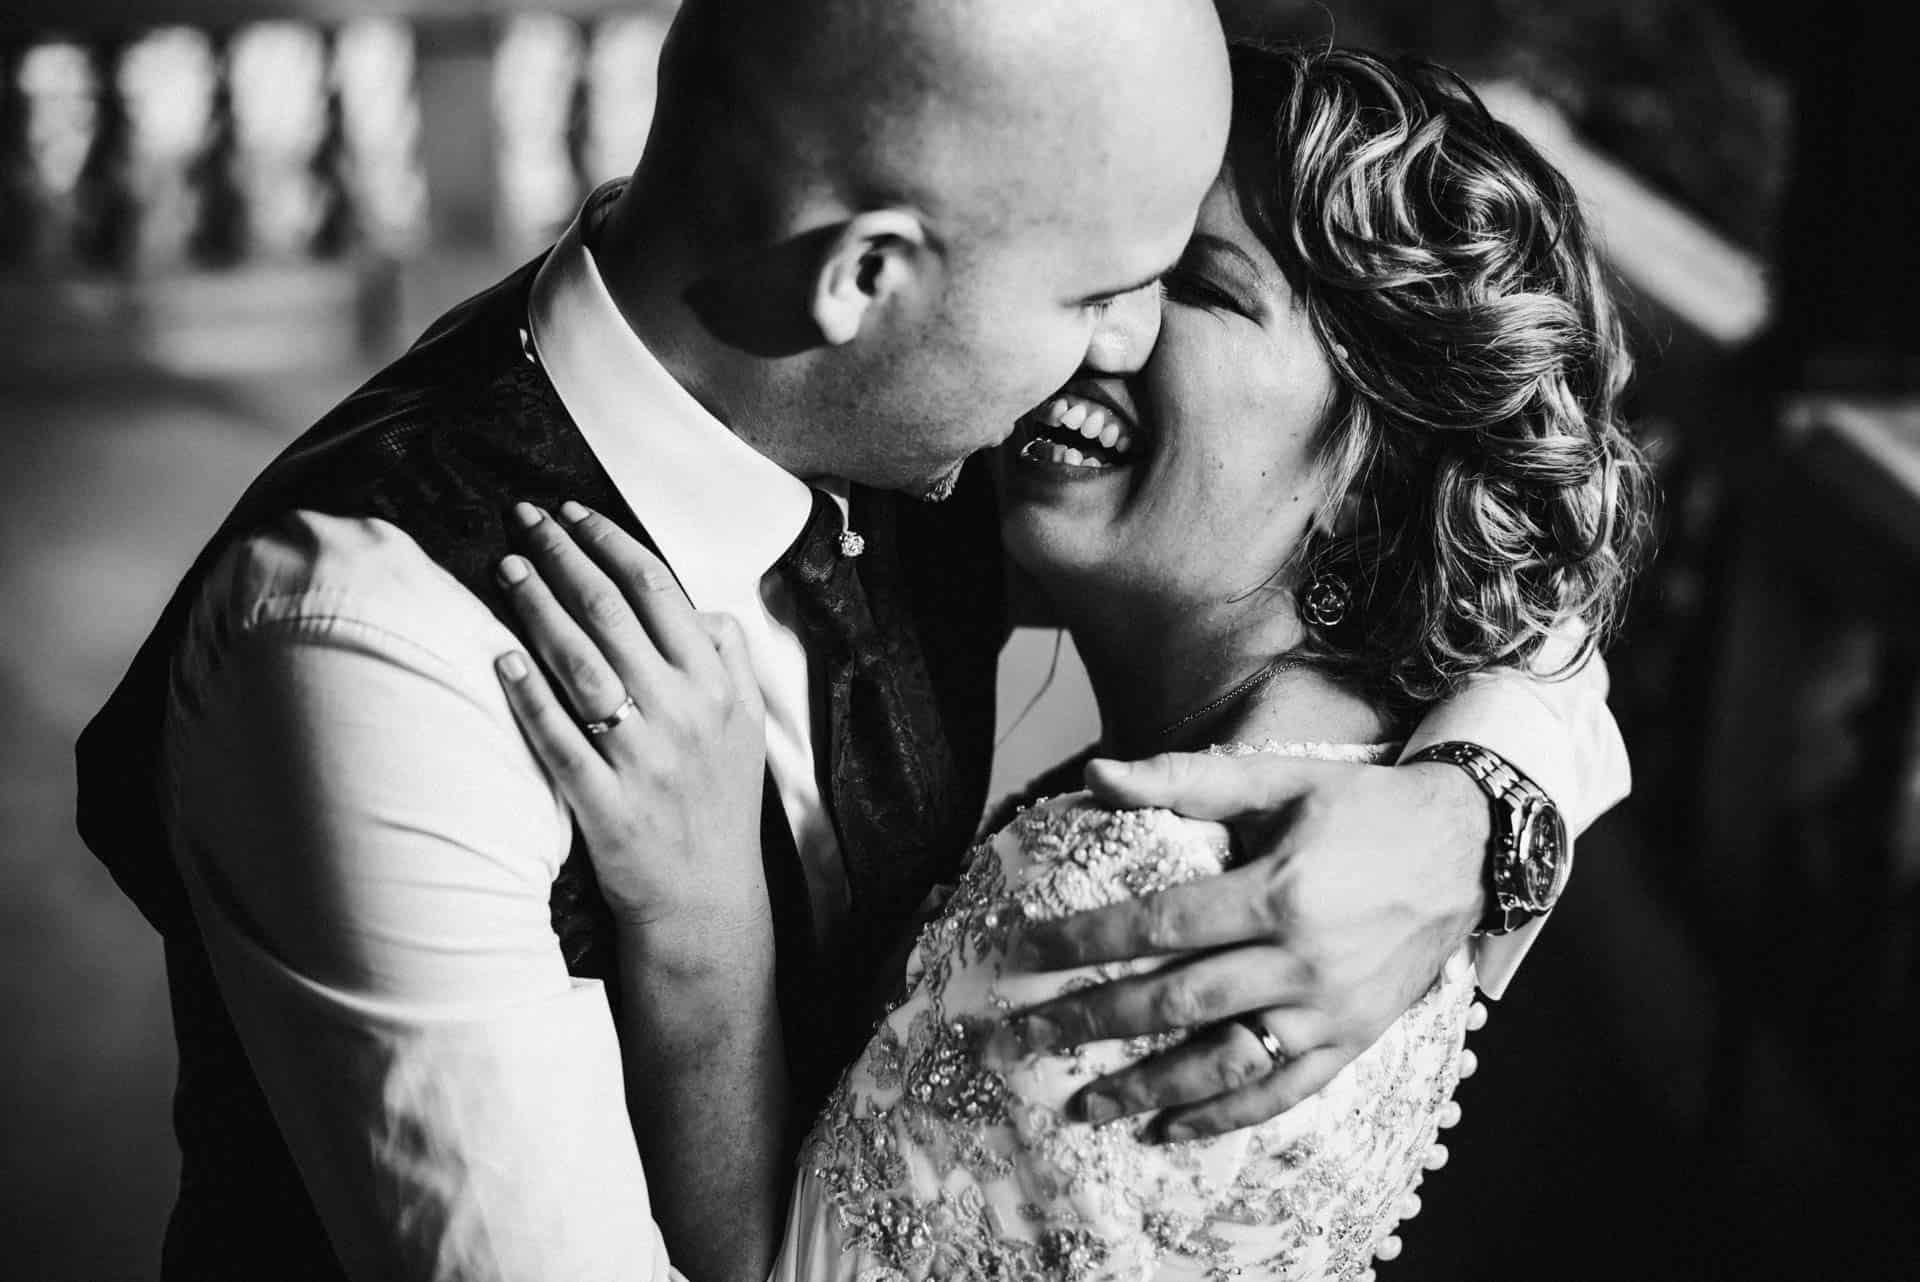 Fotografo Matrimonio Vicenza 2 Fotografo Matrimonio Andrea Fusaro